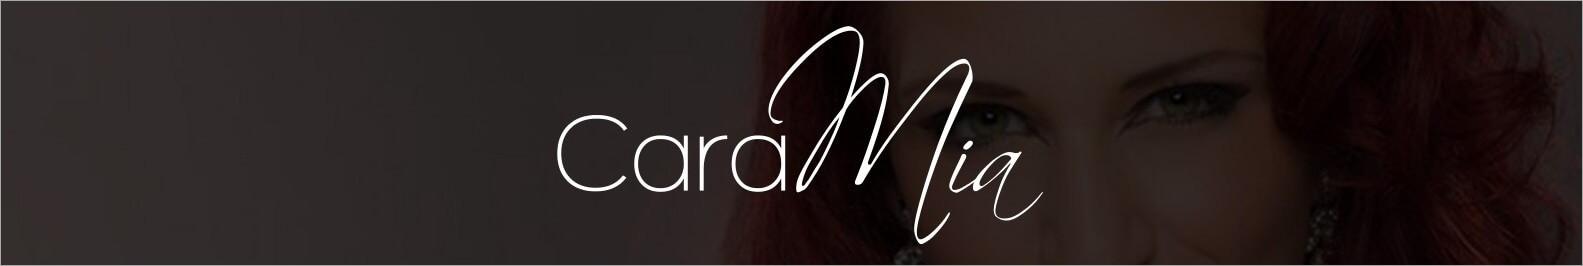 caramia-header